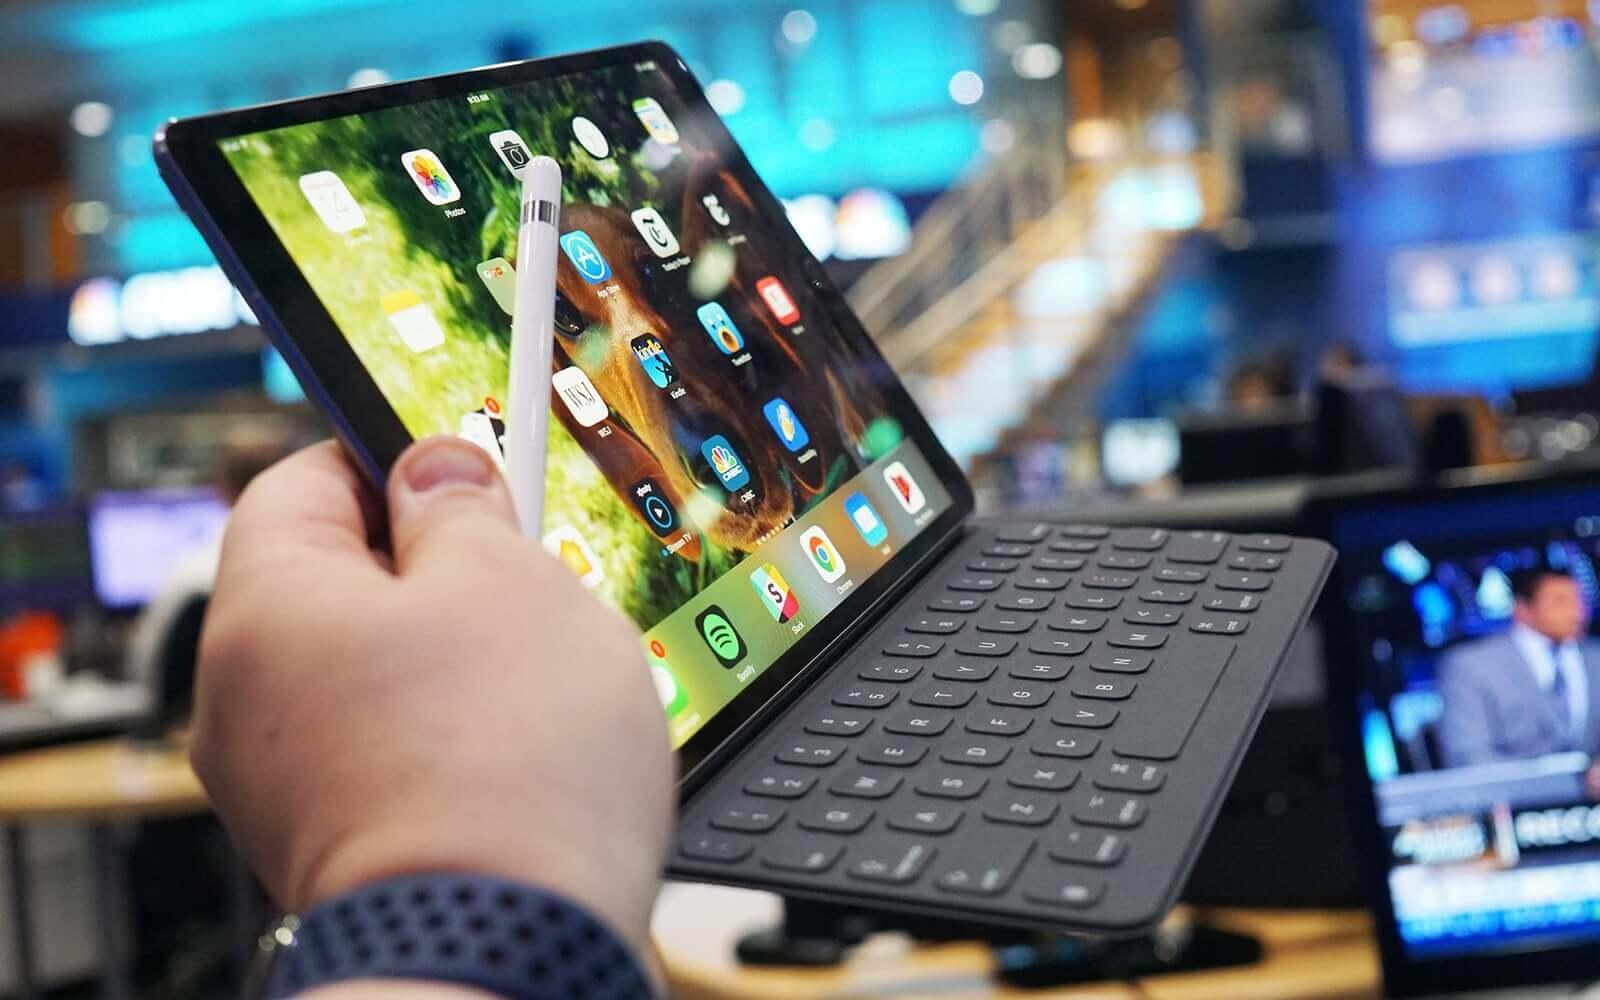 Простой способ увеличить автономность новых iPad Pro